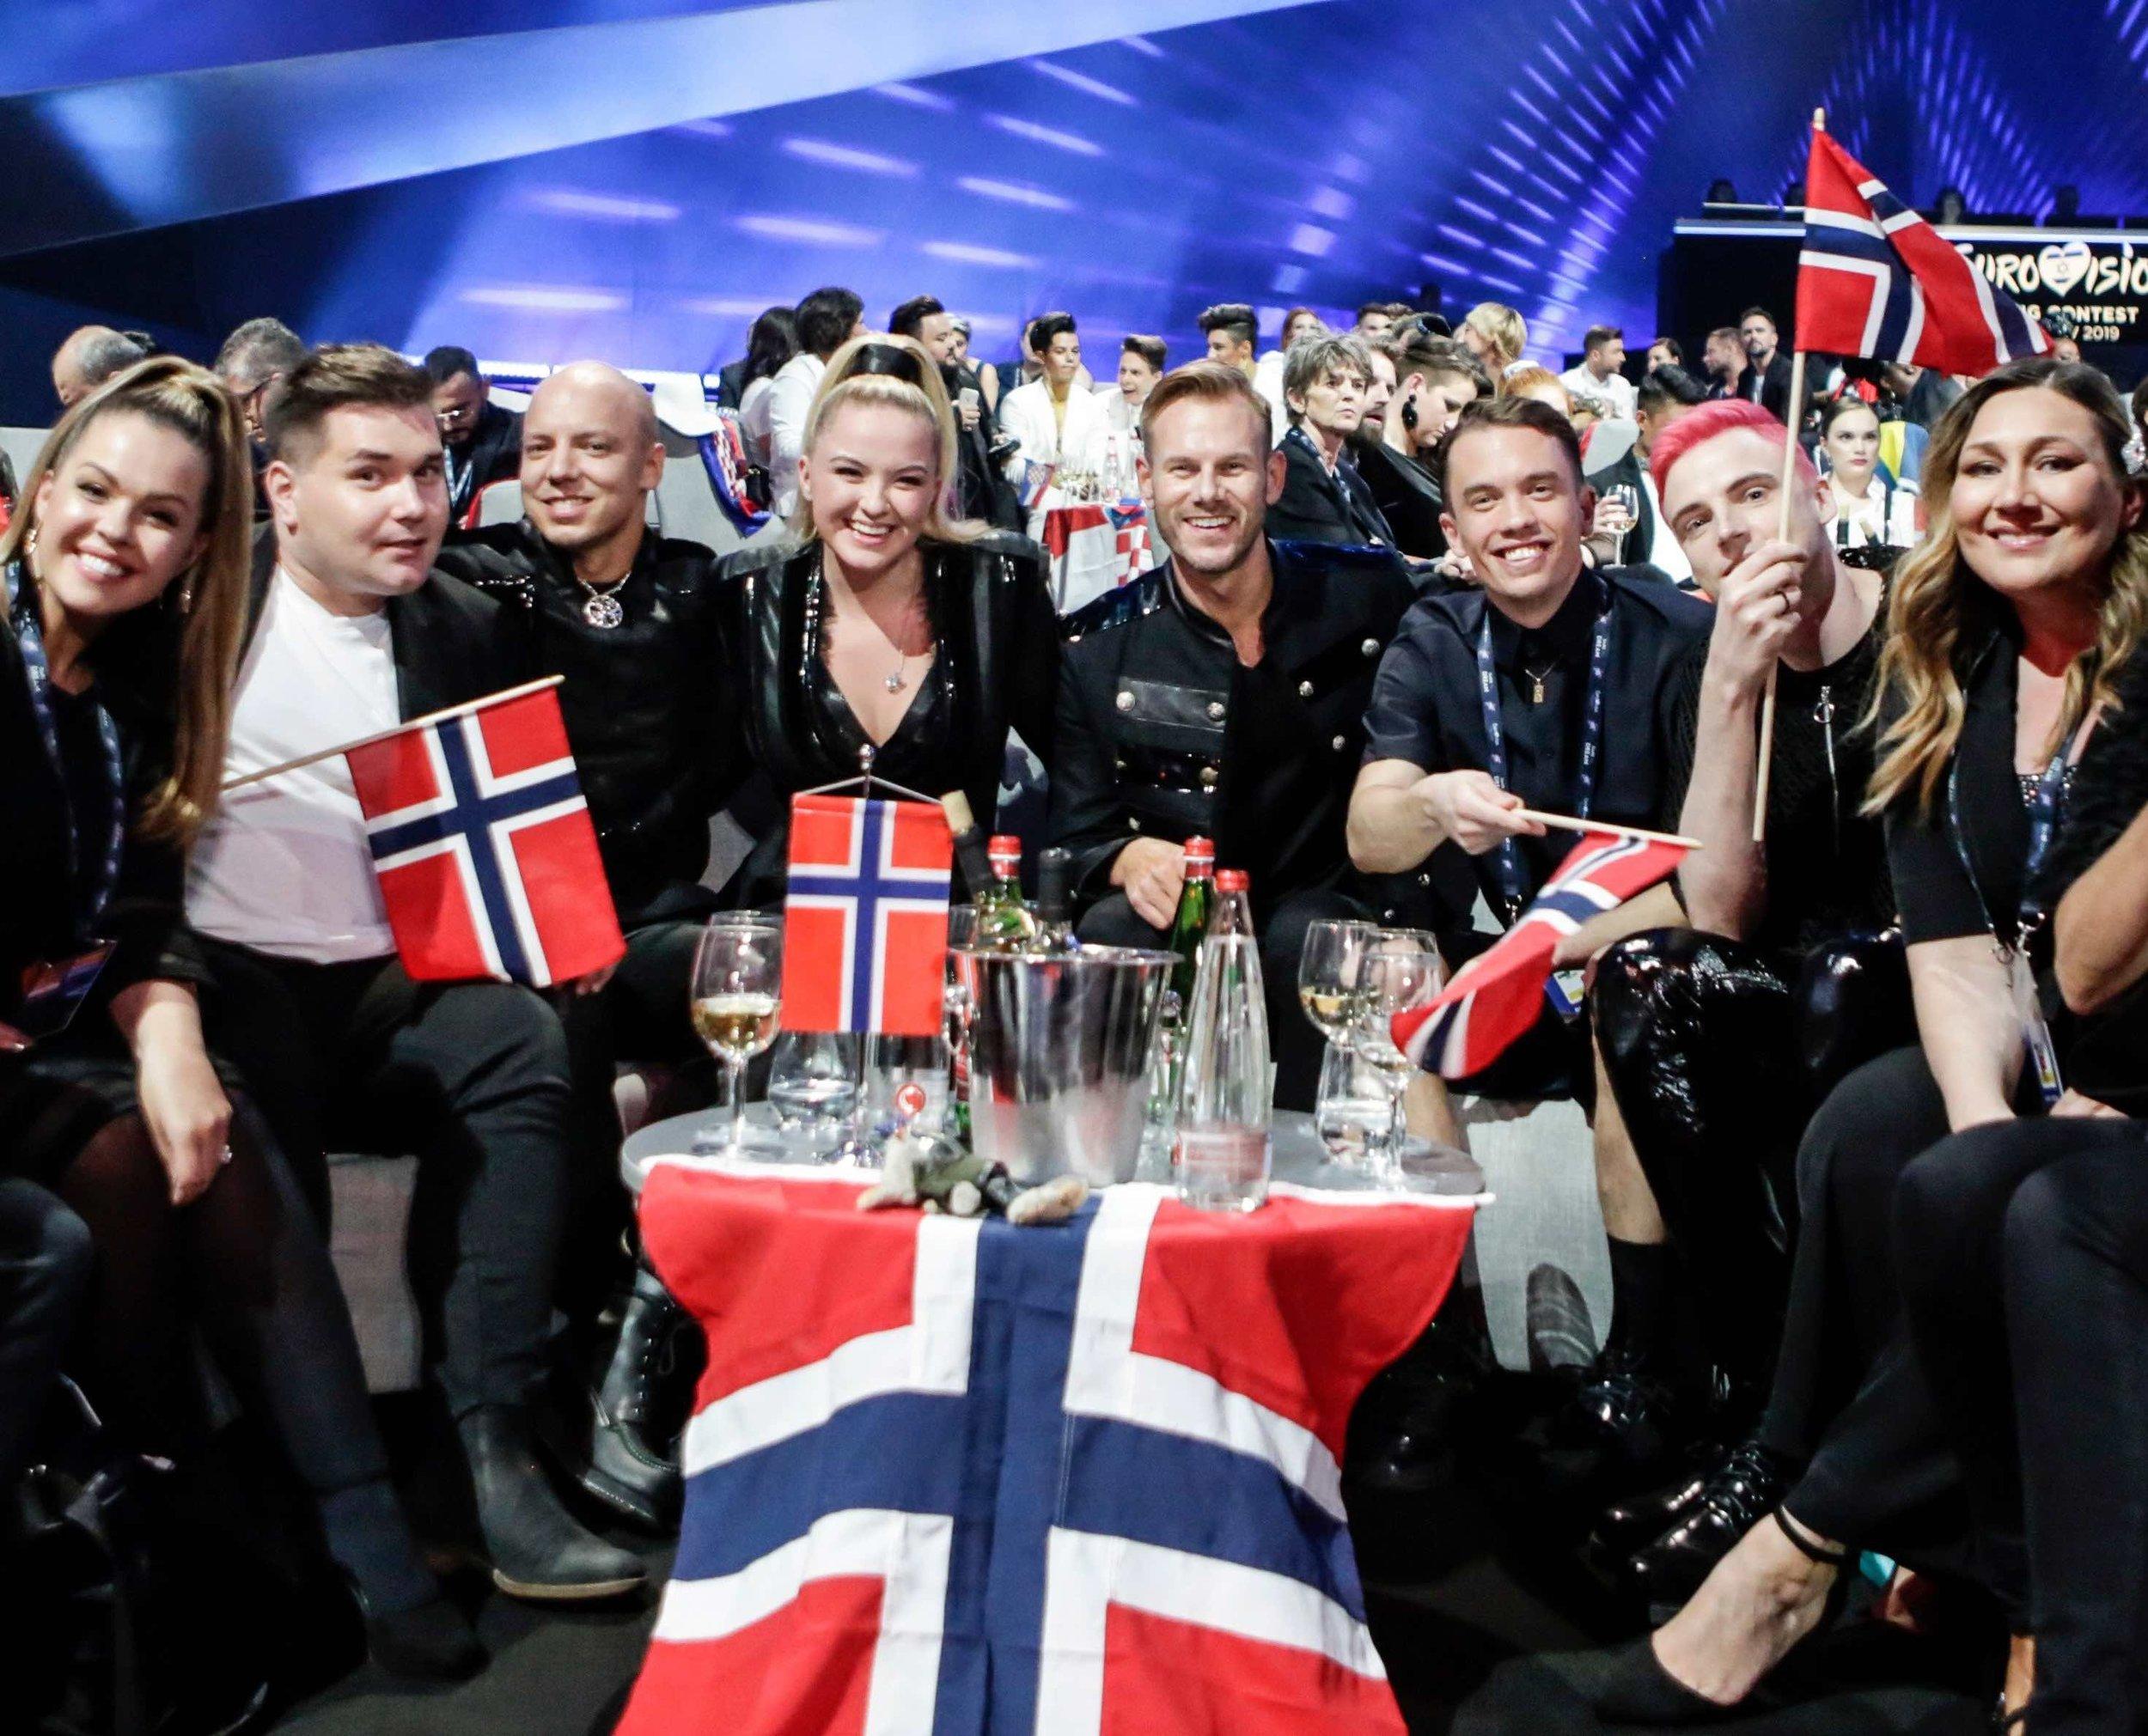 photo: Thomas Hanses, Eurovision.tv